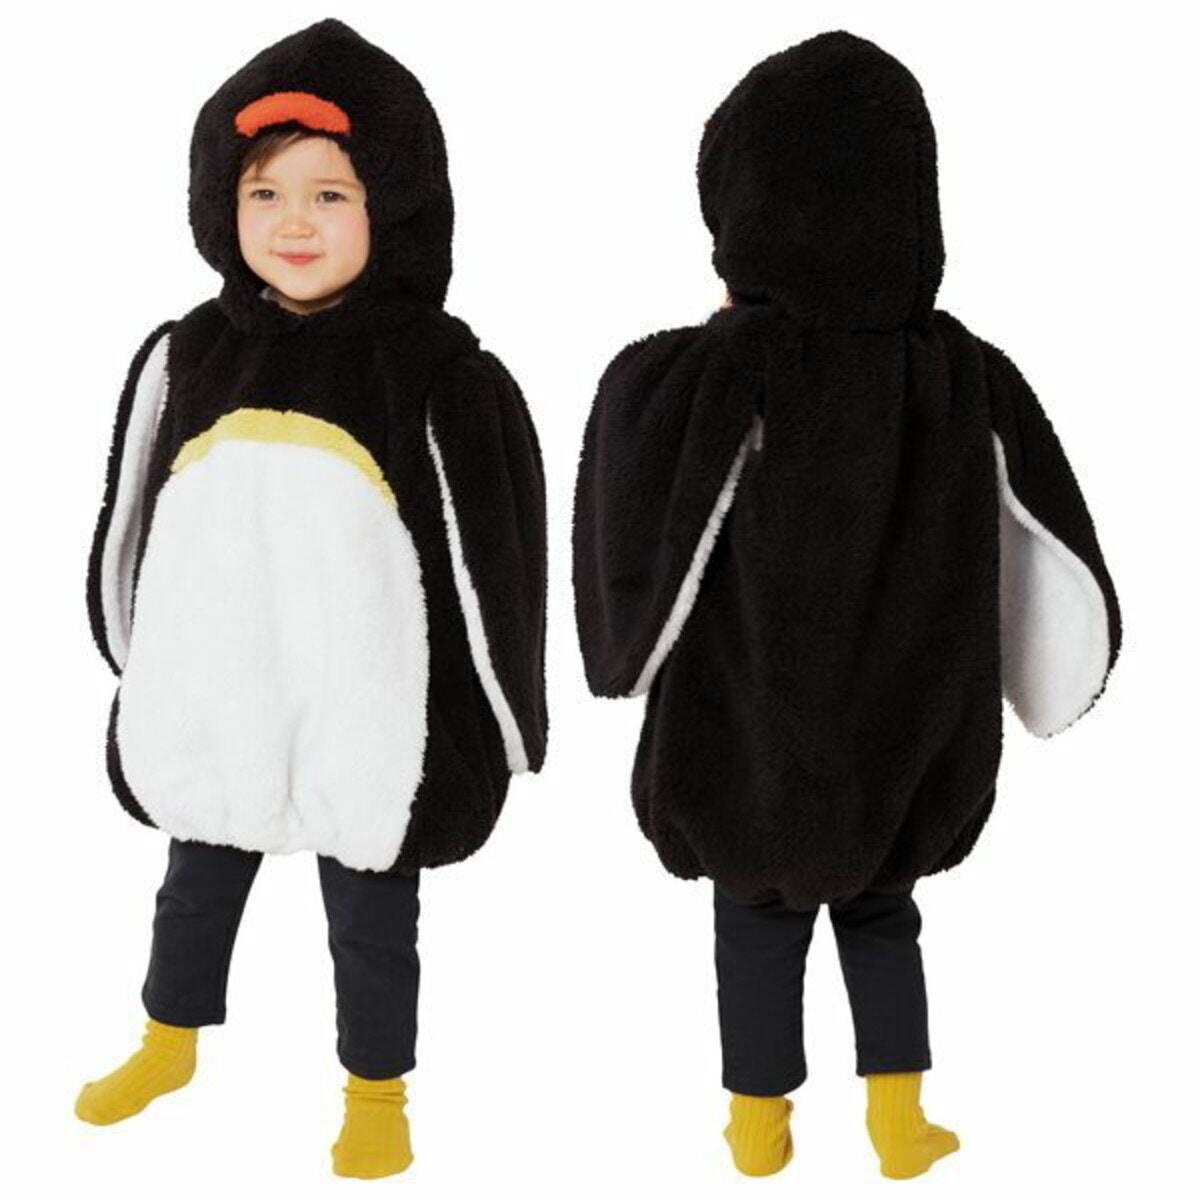 マジックナイト マシュマロペンギン Baby ベビー 子ども用 CS889045